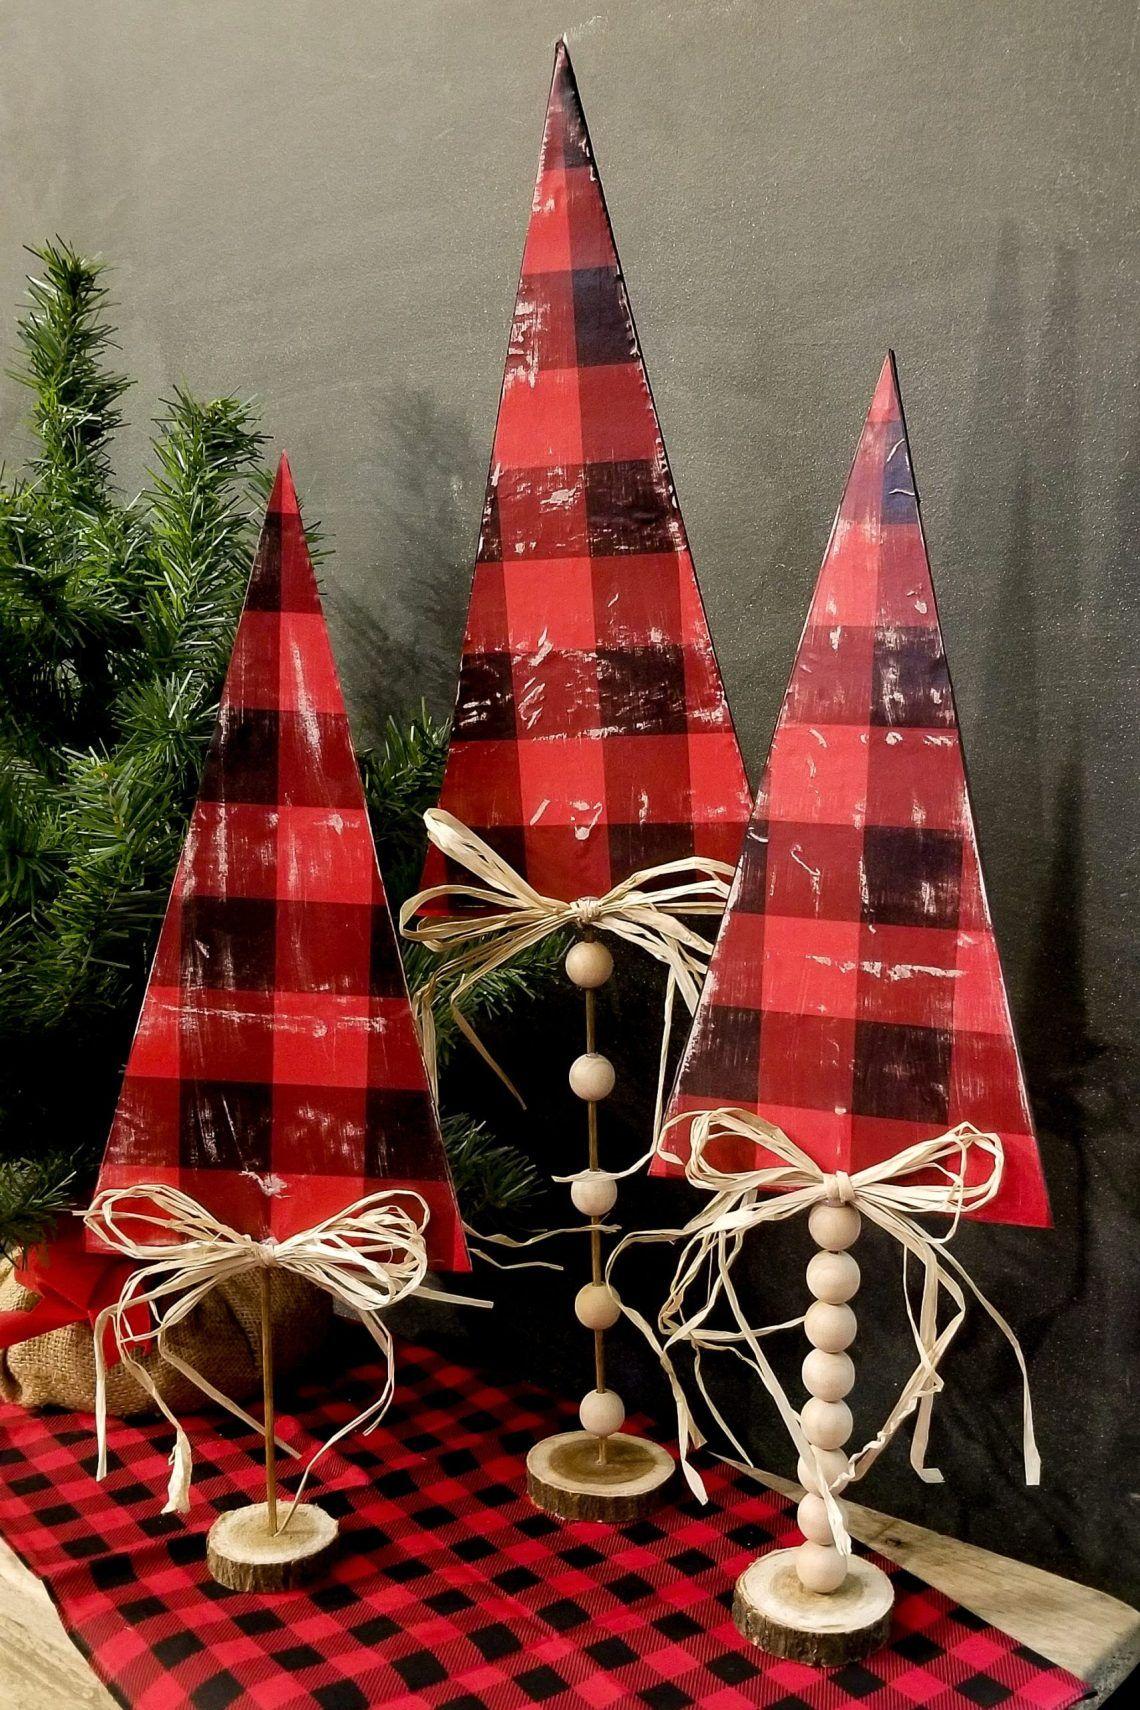 Faux Wood Foam Board Trees A Dollar Tree Diy Craft That Will Fool Anyone Kristy Dollar Tree Christmas Decor Christmas Tree Crafts Dollar Tree Diy Crafts